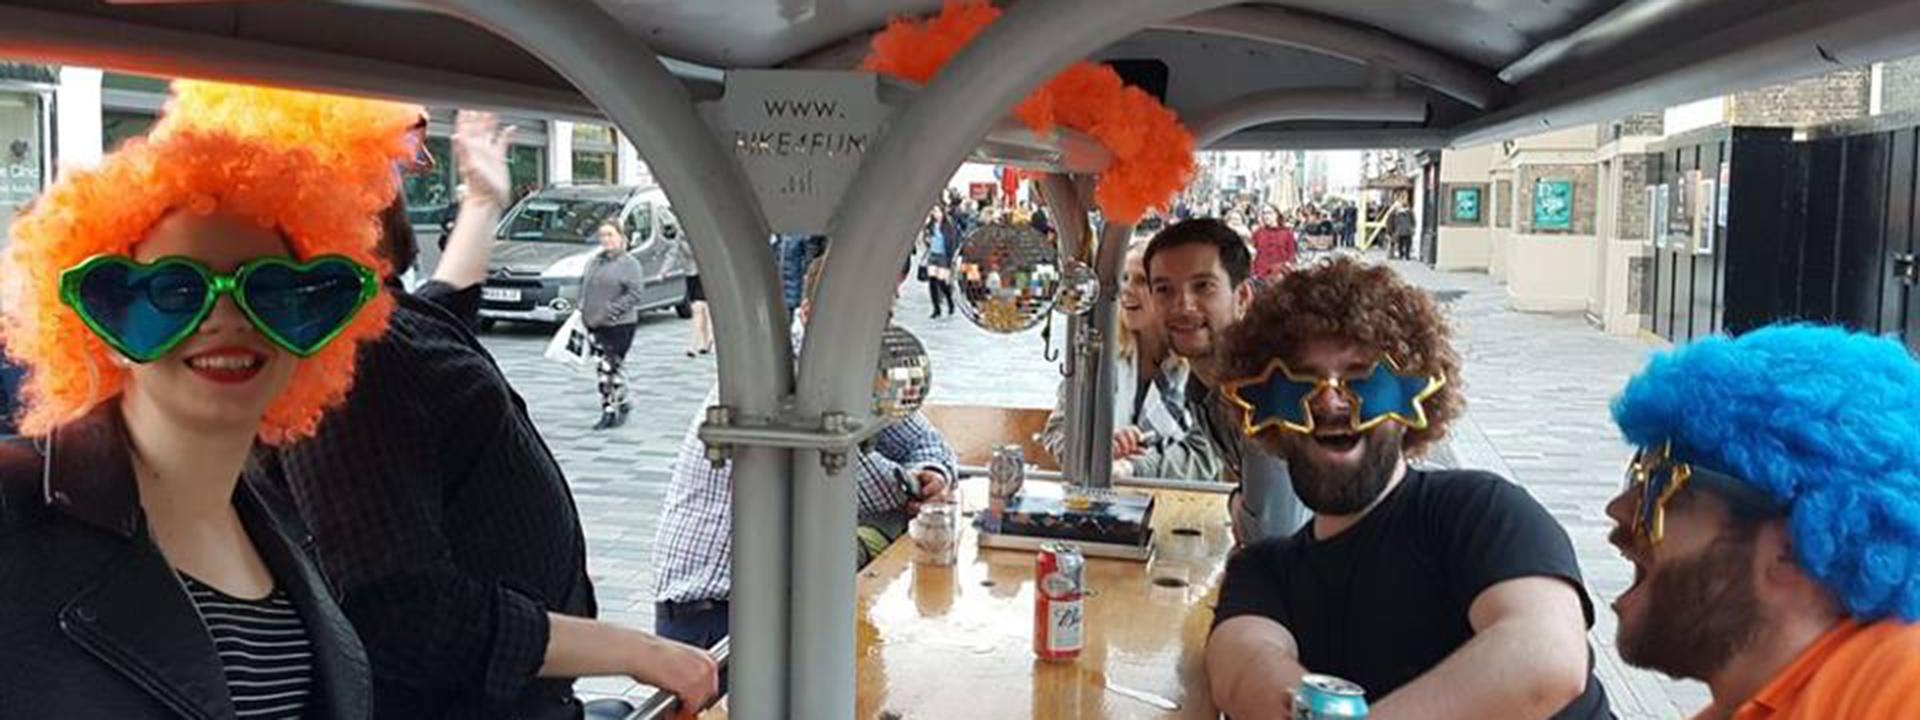 Brighton Party Bike - Tour the city